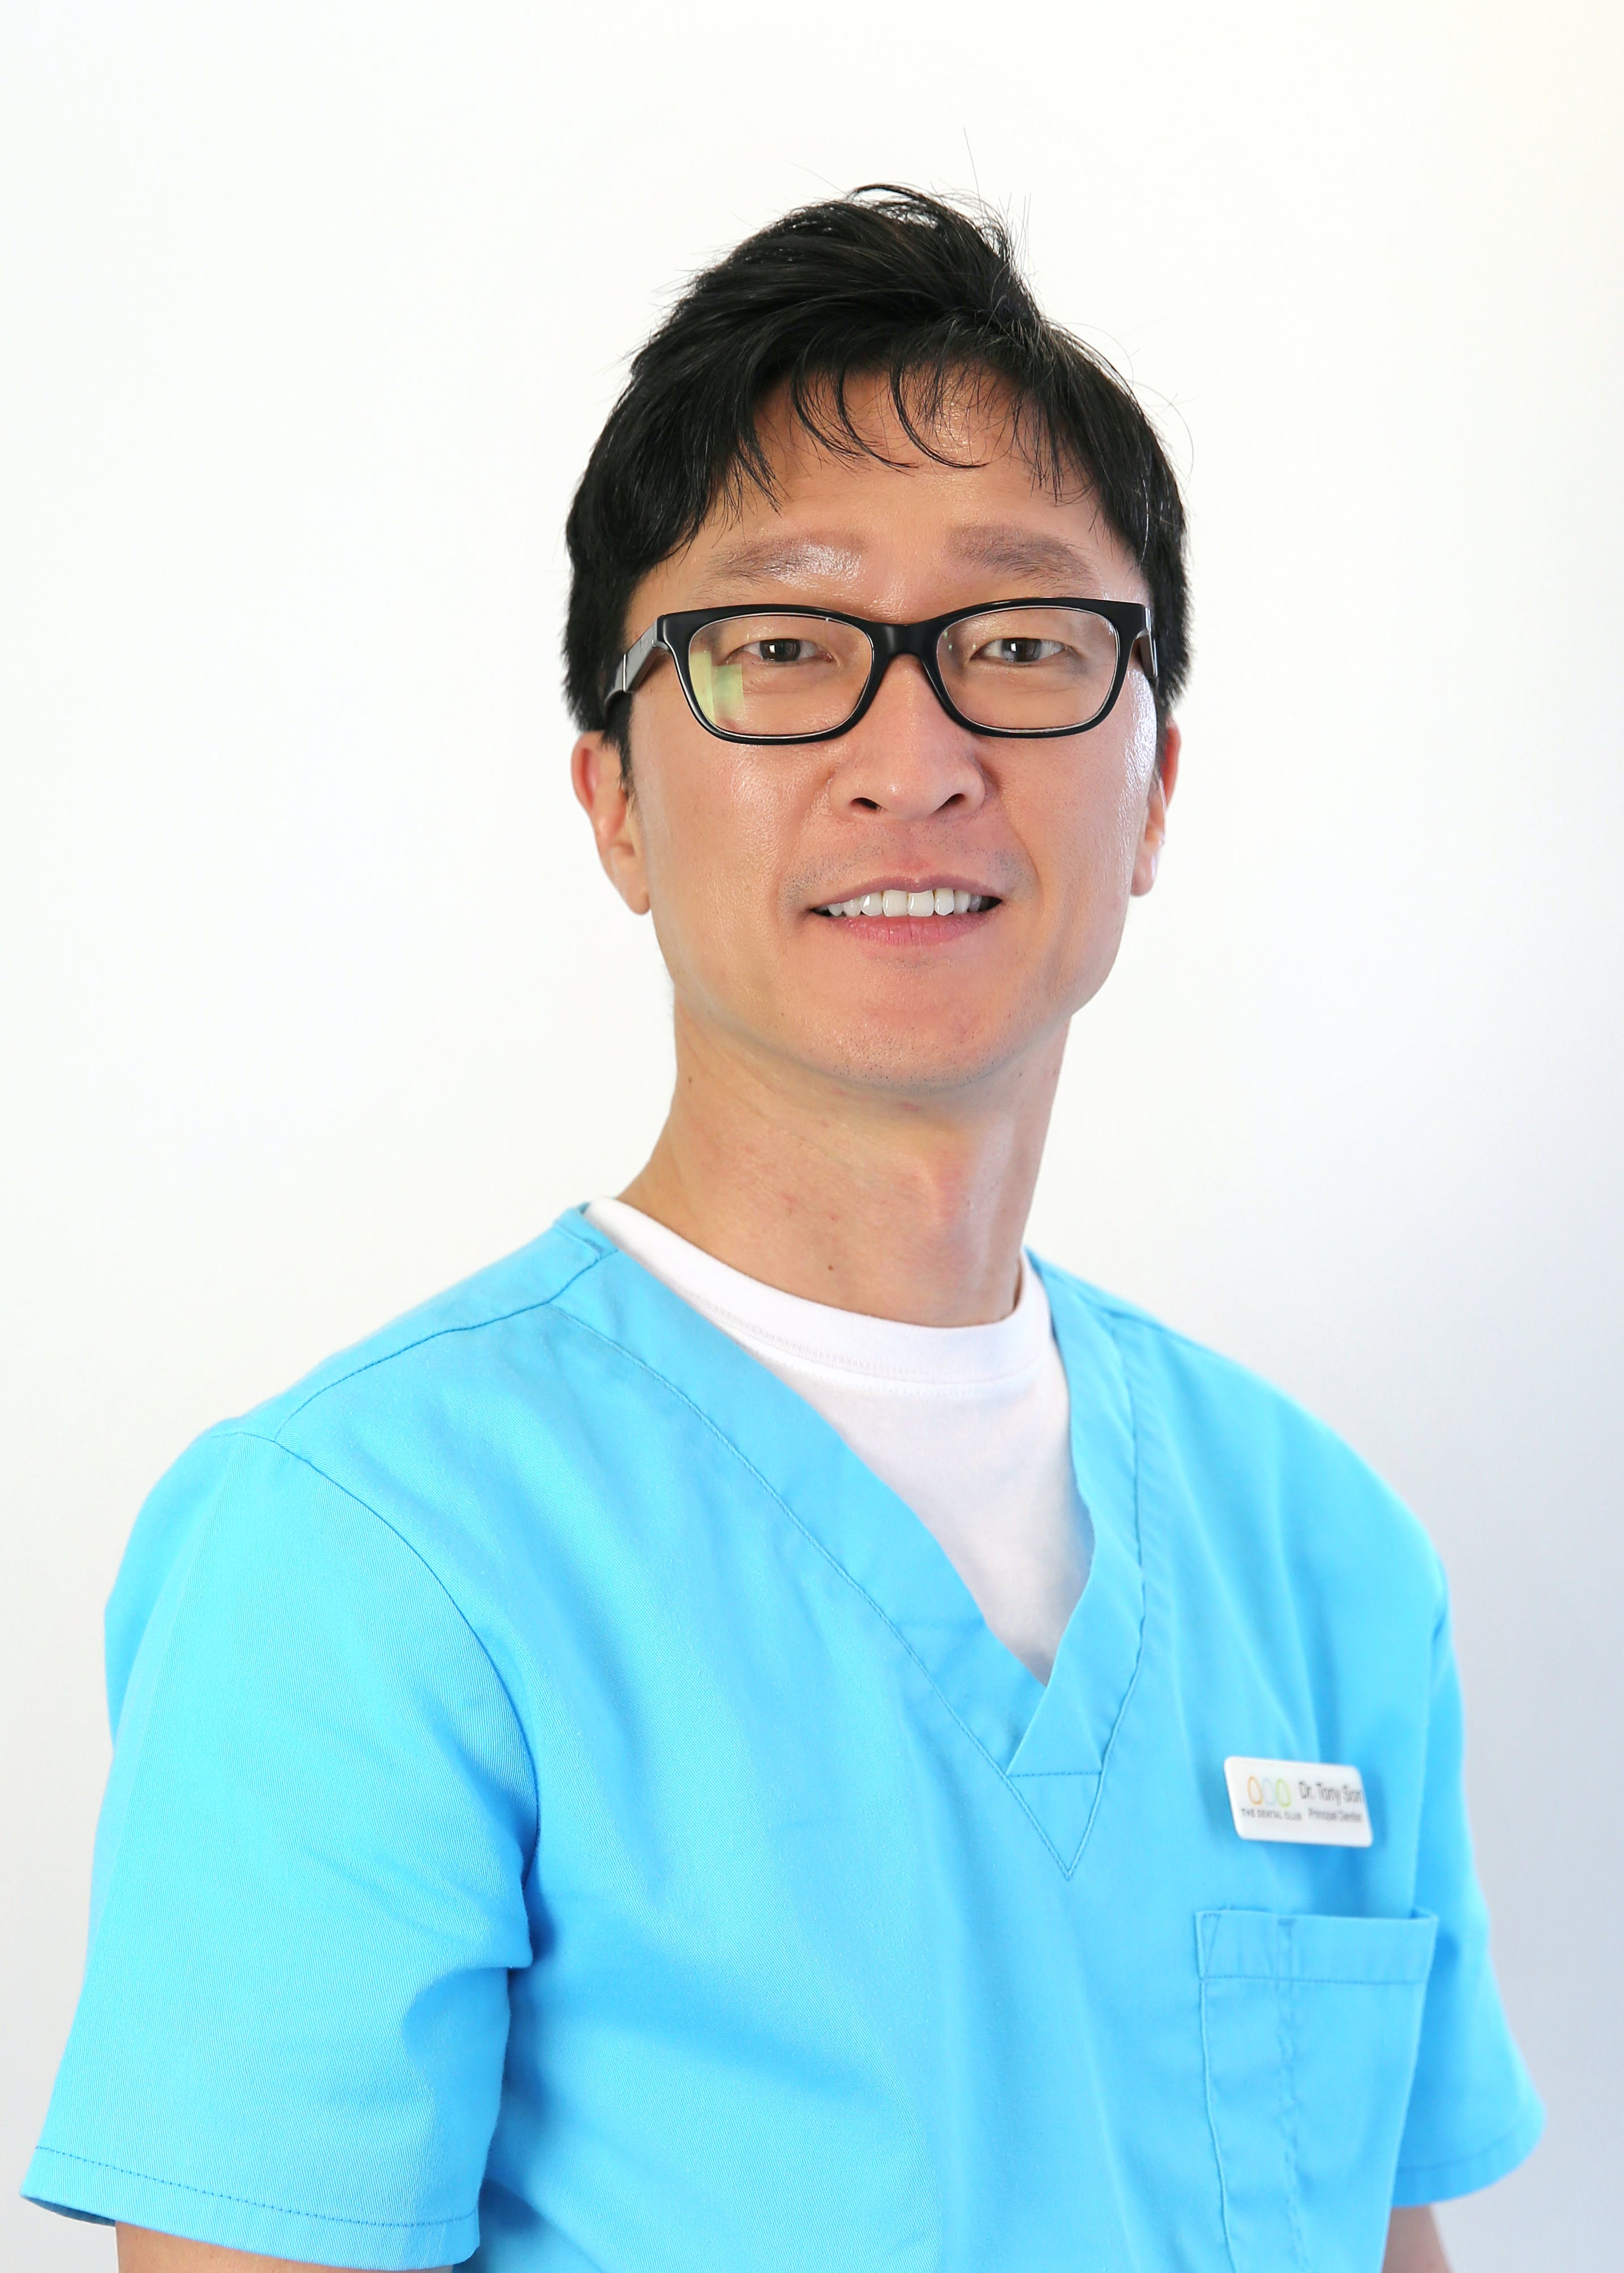 Photo of Dr Tony Son